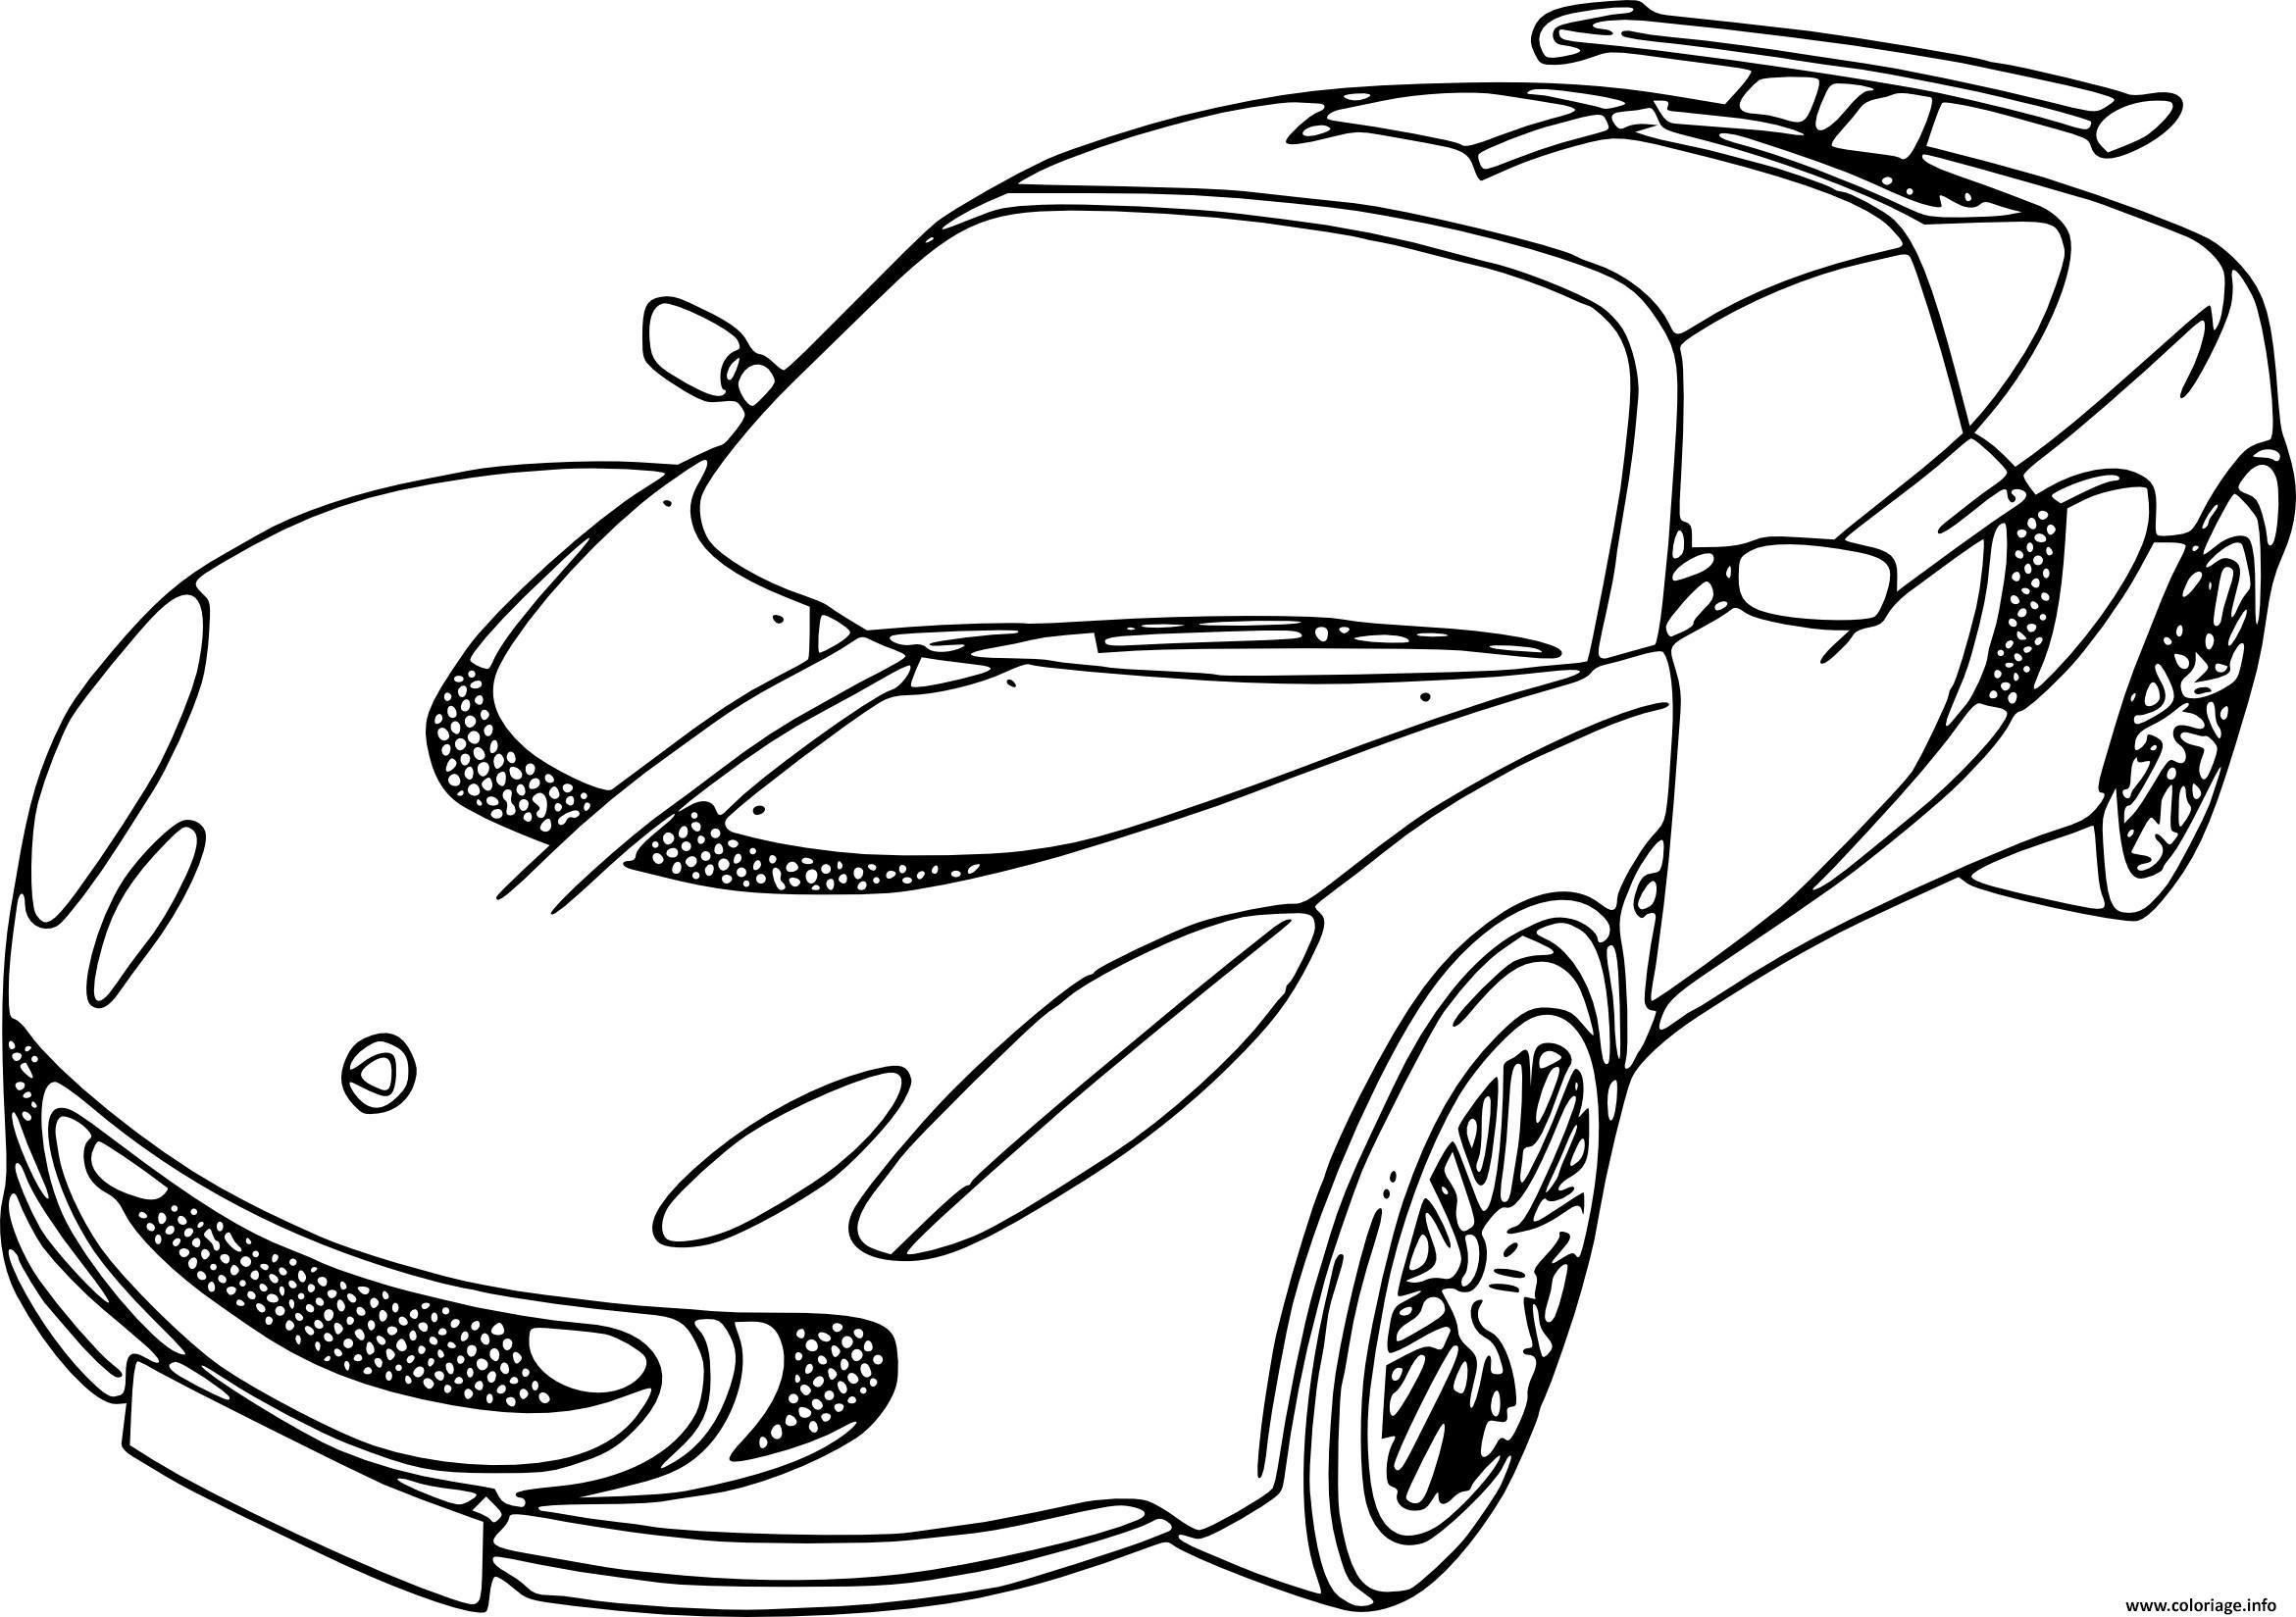 Dessin voiture de sport thebarricadeco Coloriage Gratuit à Imprimer